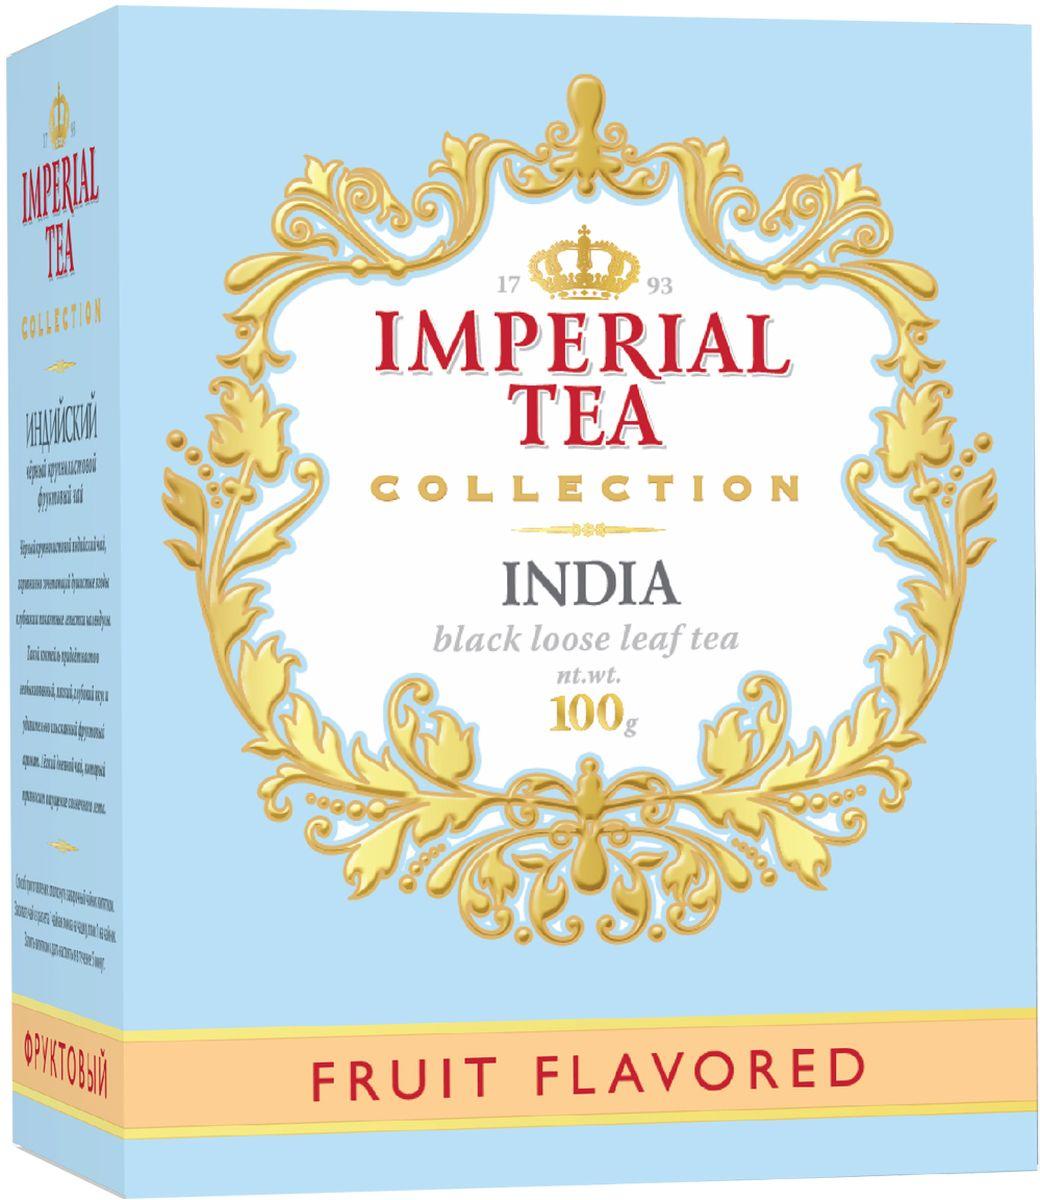 Императорский чай Collection Фруктовый, 100 г императорский чай collection фруктовый 100 г